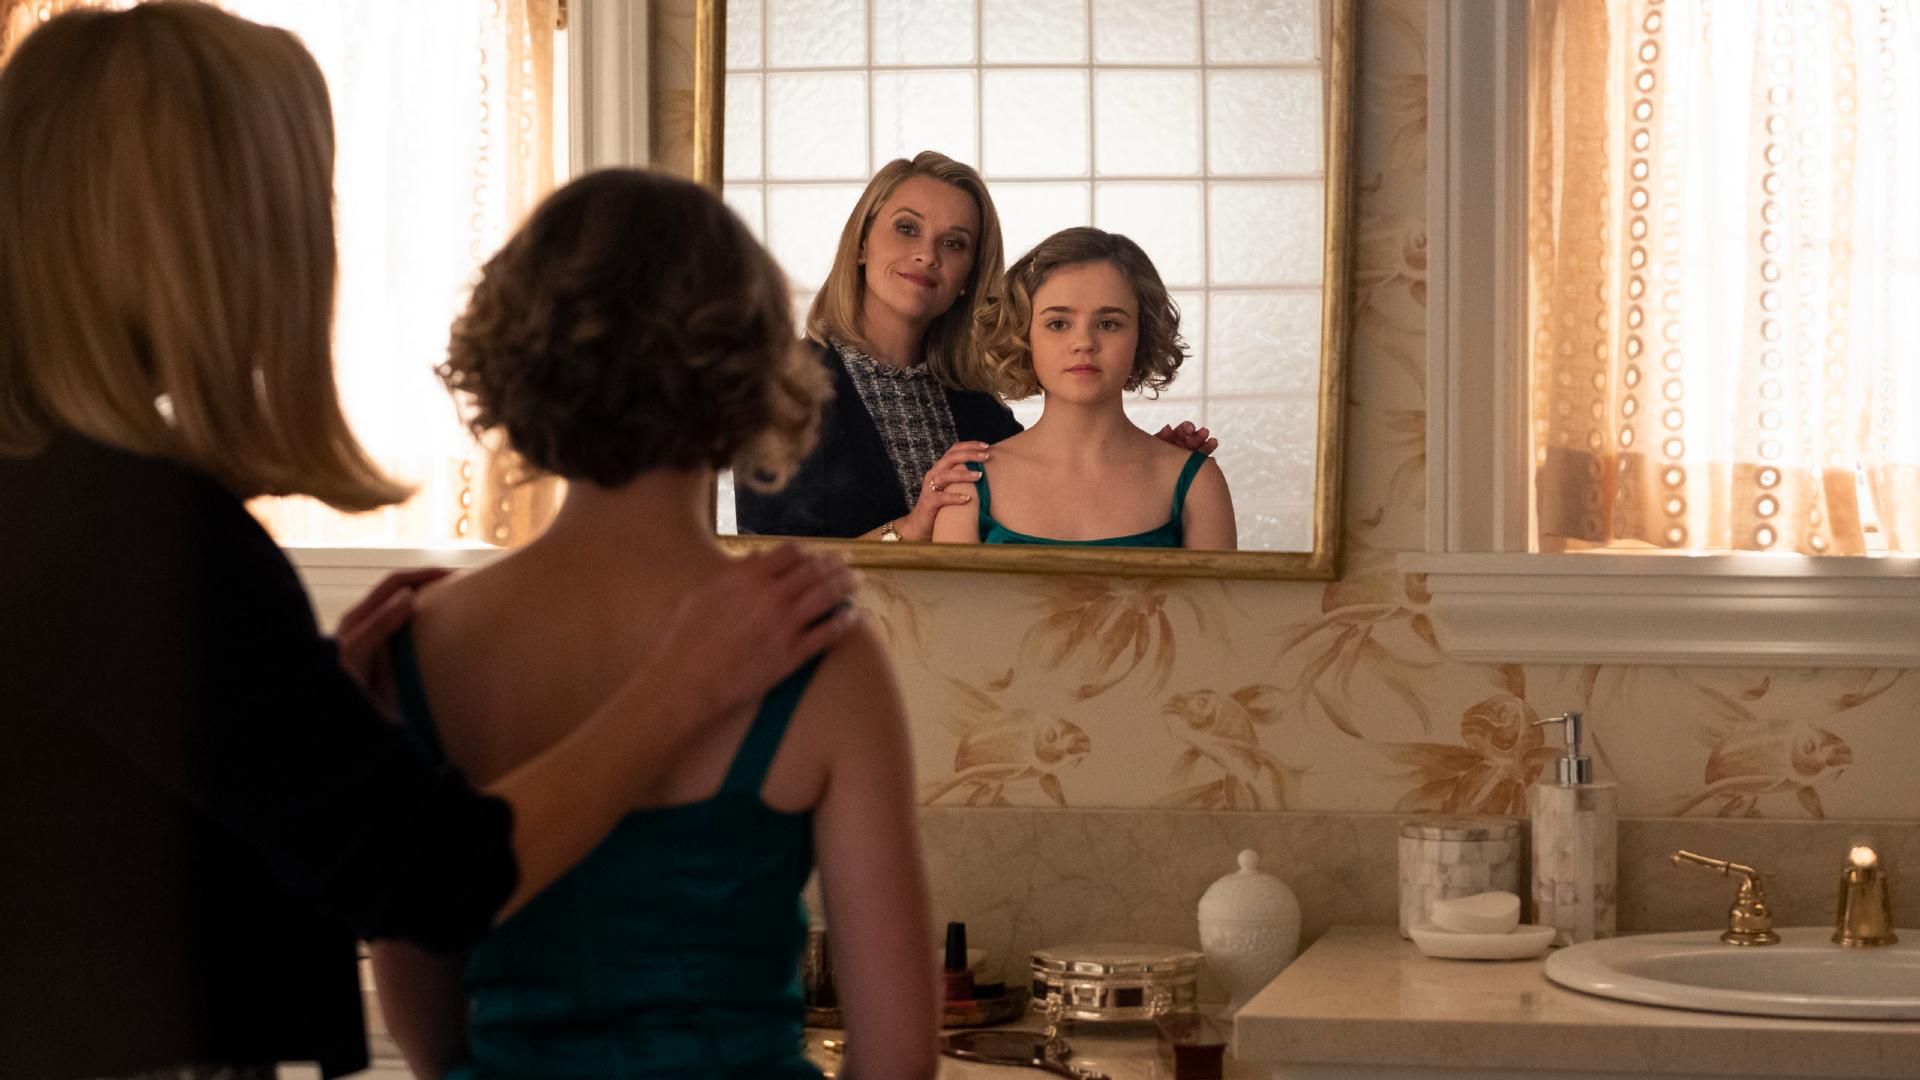 madre e figlia sono davanti uno specchio: la donna sorride, la giovane sembra più perplessa - nerdface